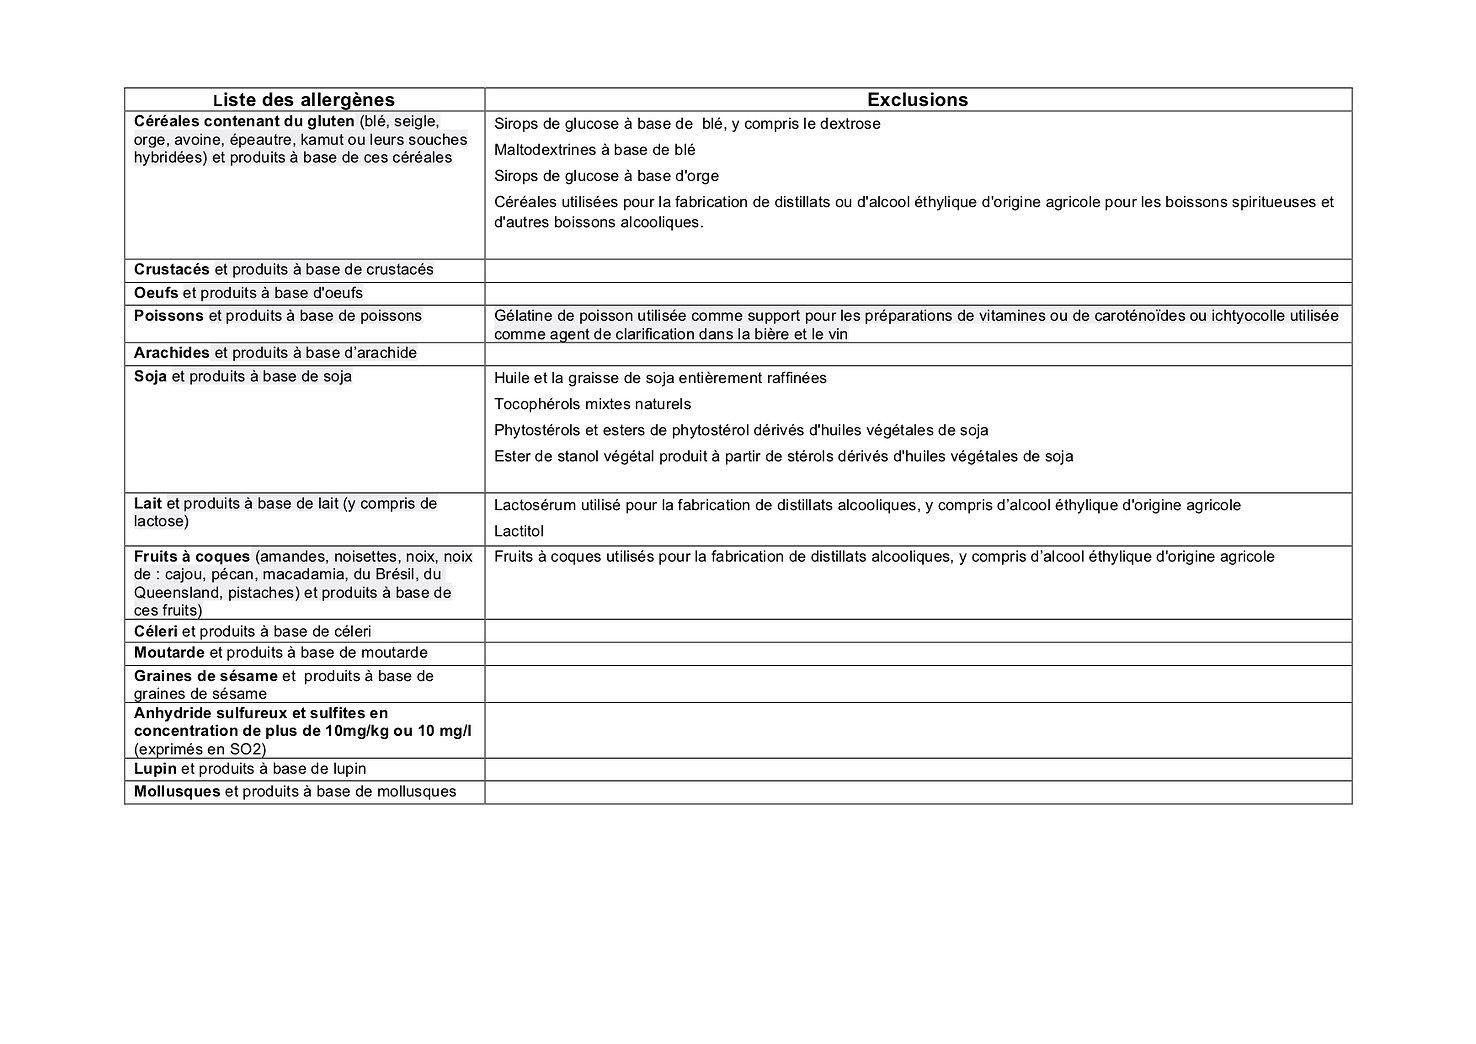 Liste des allergènes PIZZ AVENUE.jpg